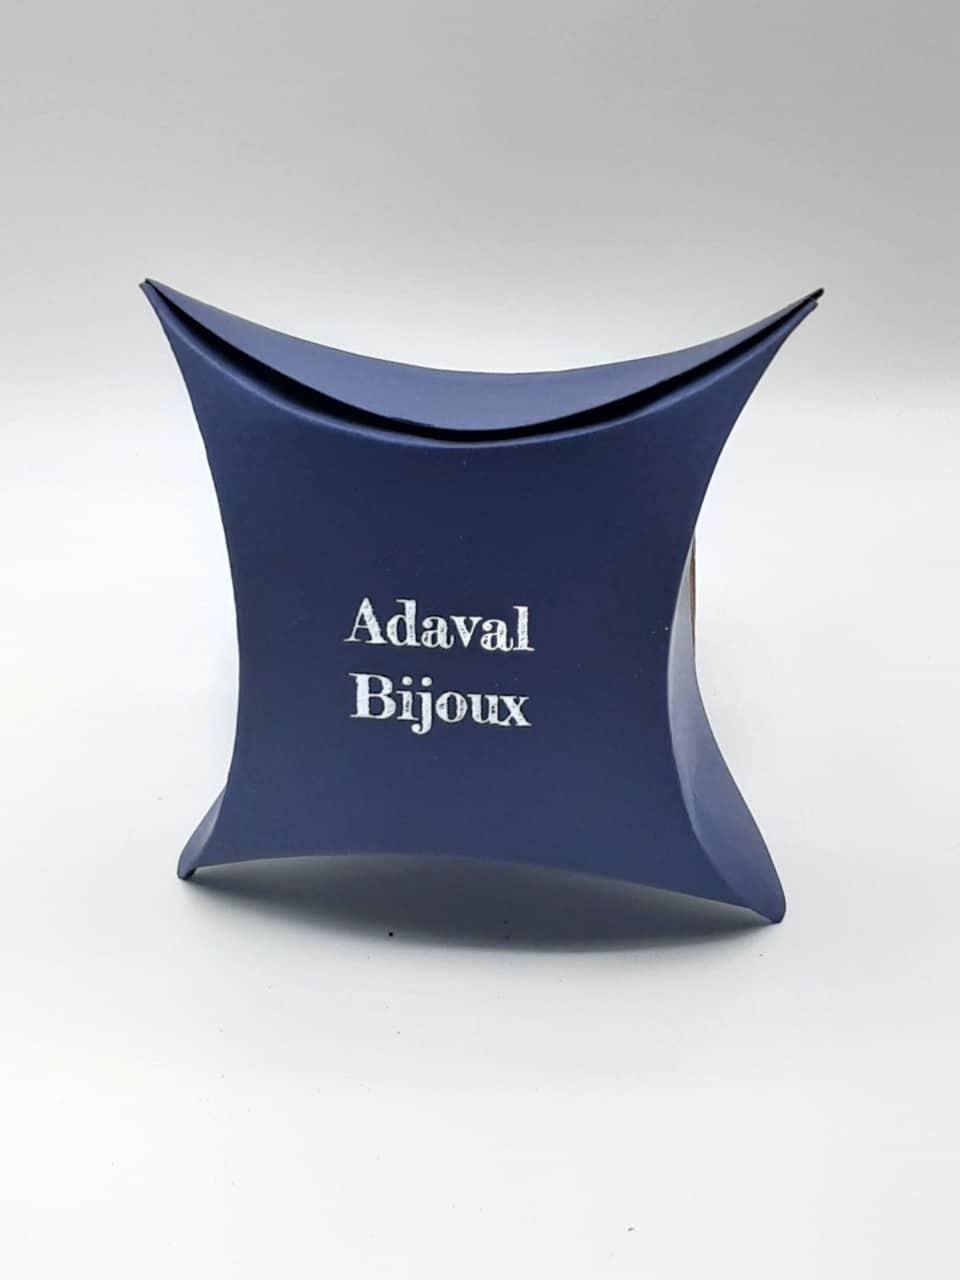 Photo des boites d'emballage en carton recyclable avec le logo d'ADAVAL Bijoux